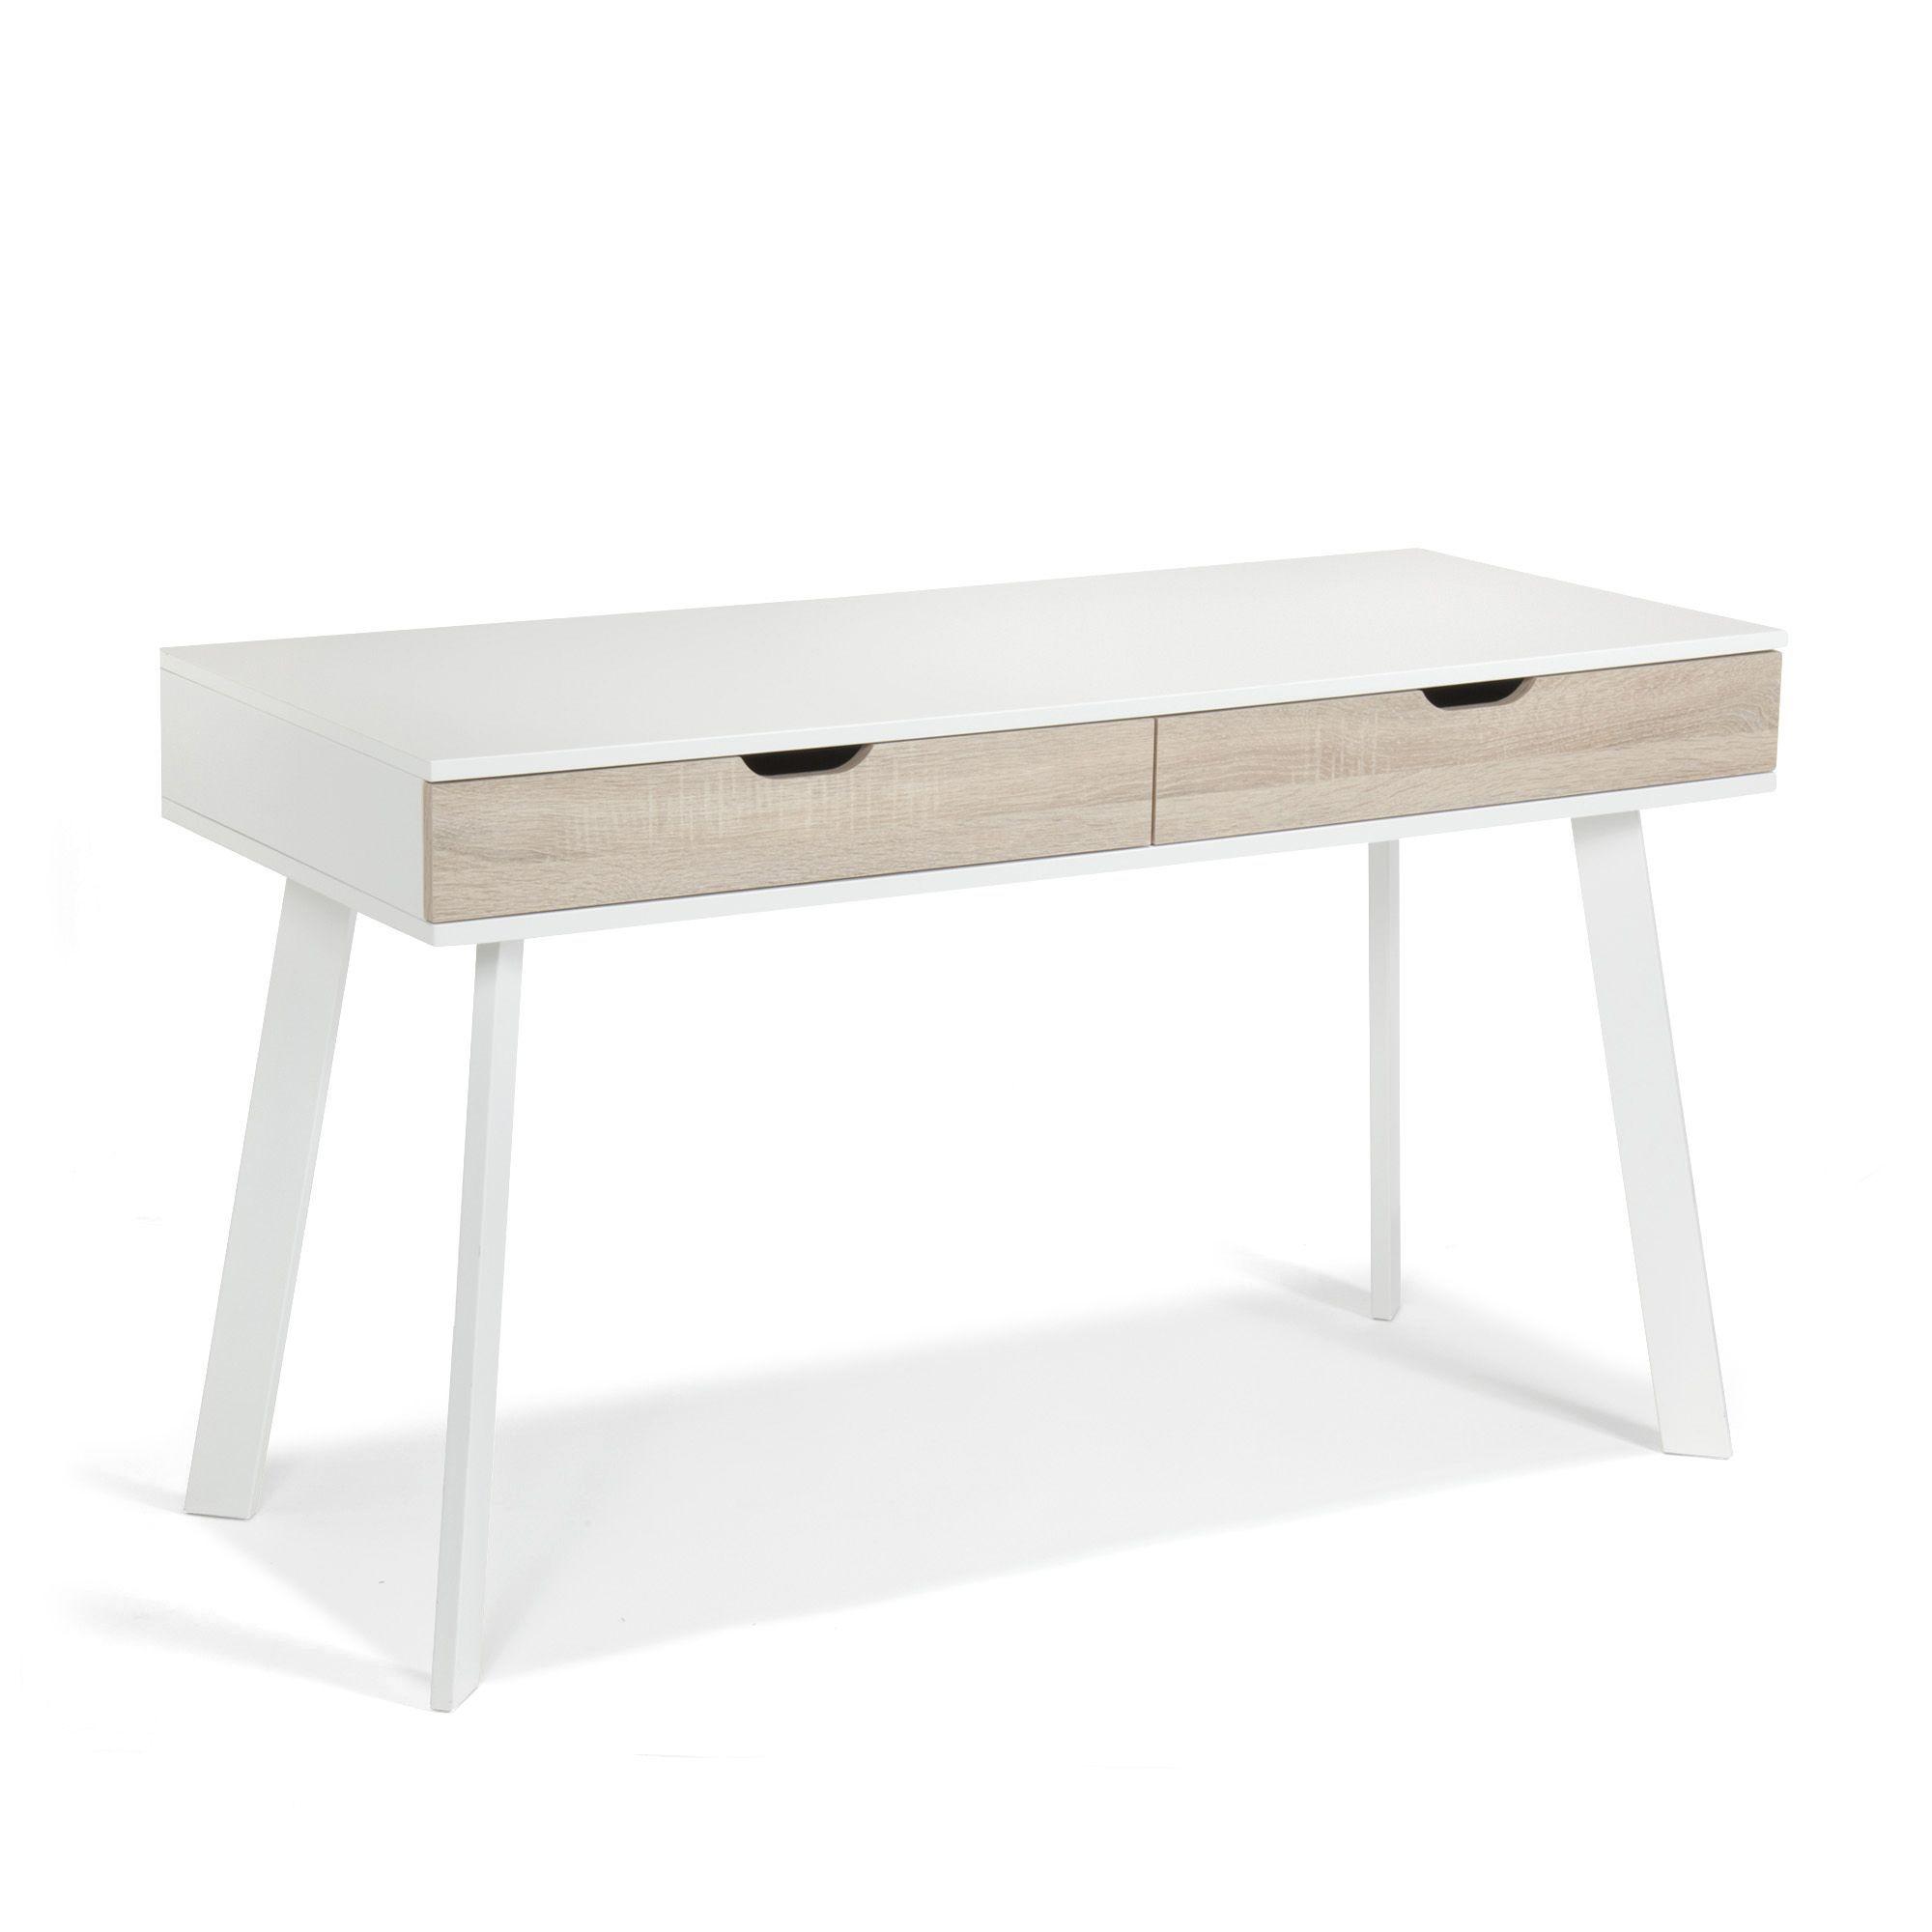 Bureau tiroirs style scandinave Aquila prix promo Alinea 14900